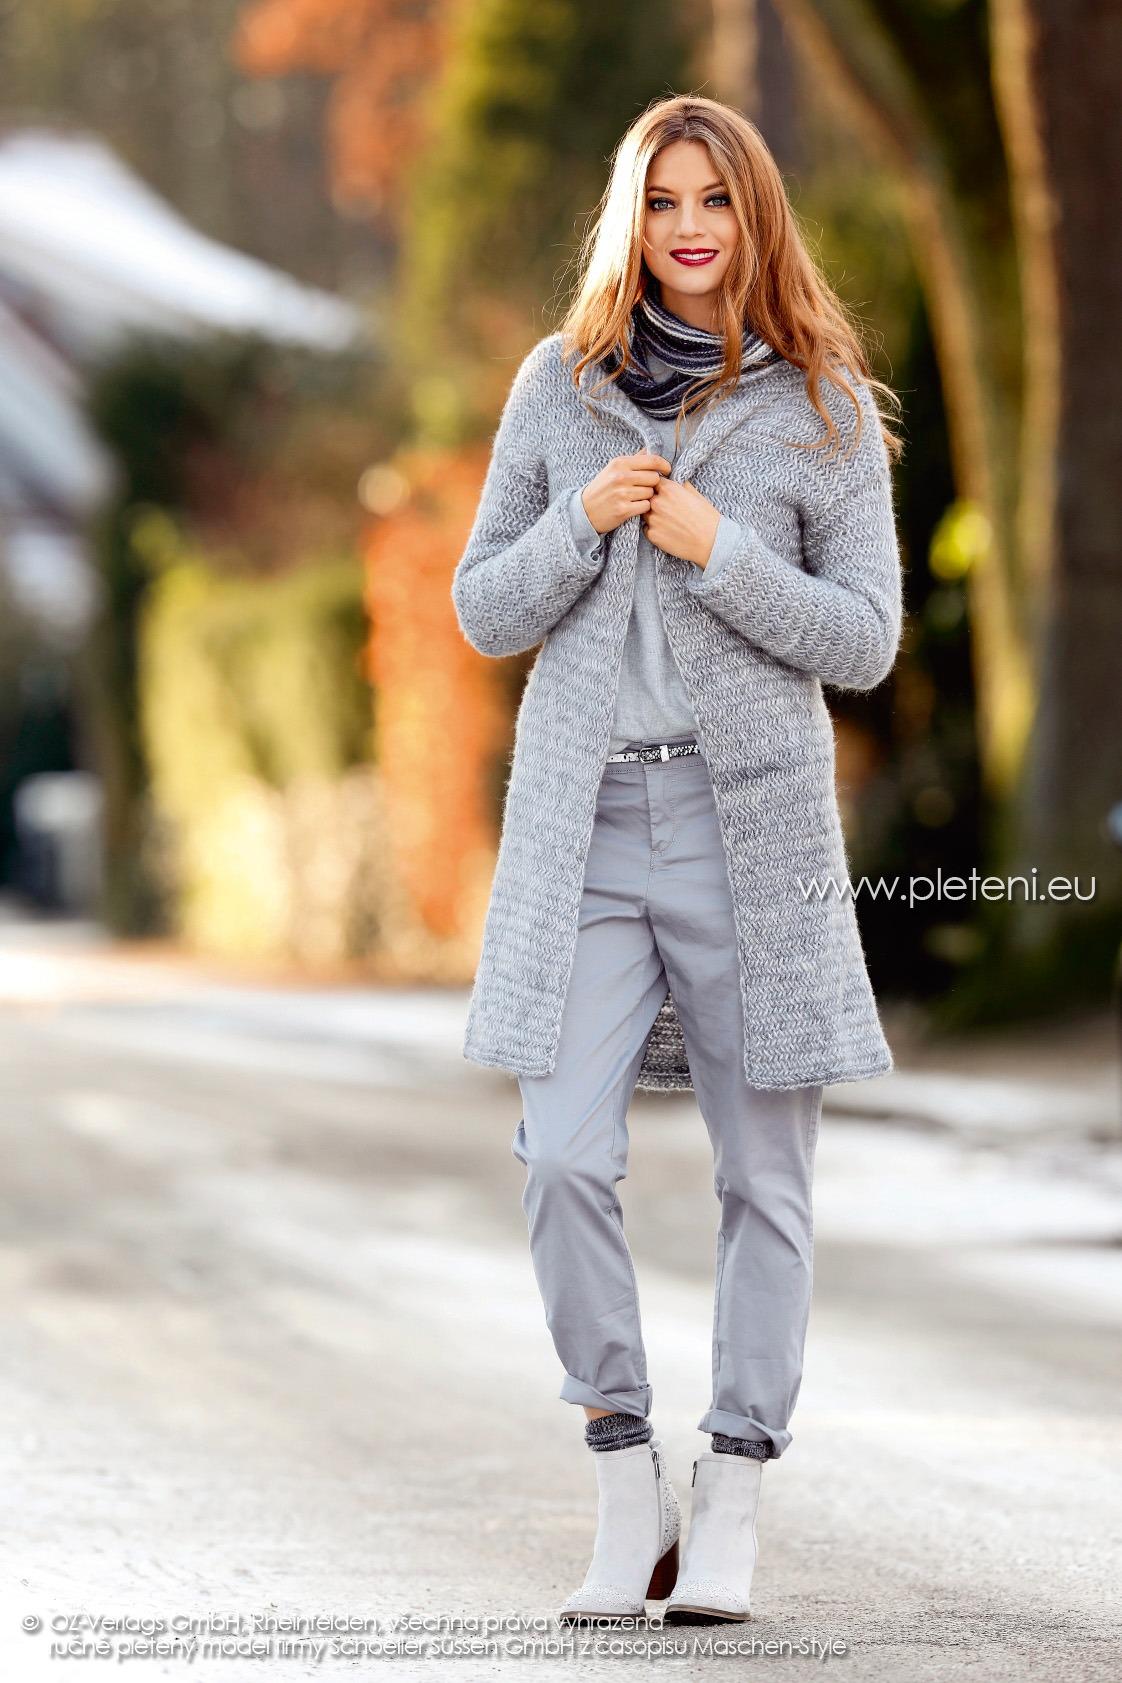 2017-2018 model 06 a 07 dámský kabát a nákrčník z přízí Delgada a Caleido firmy Schoeller